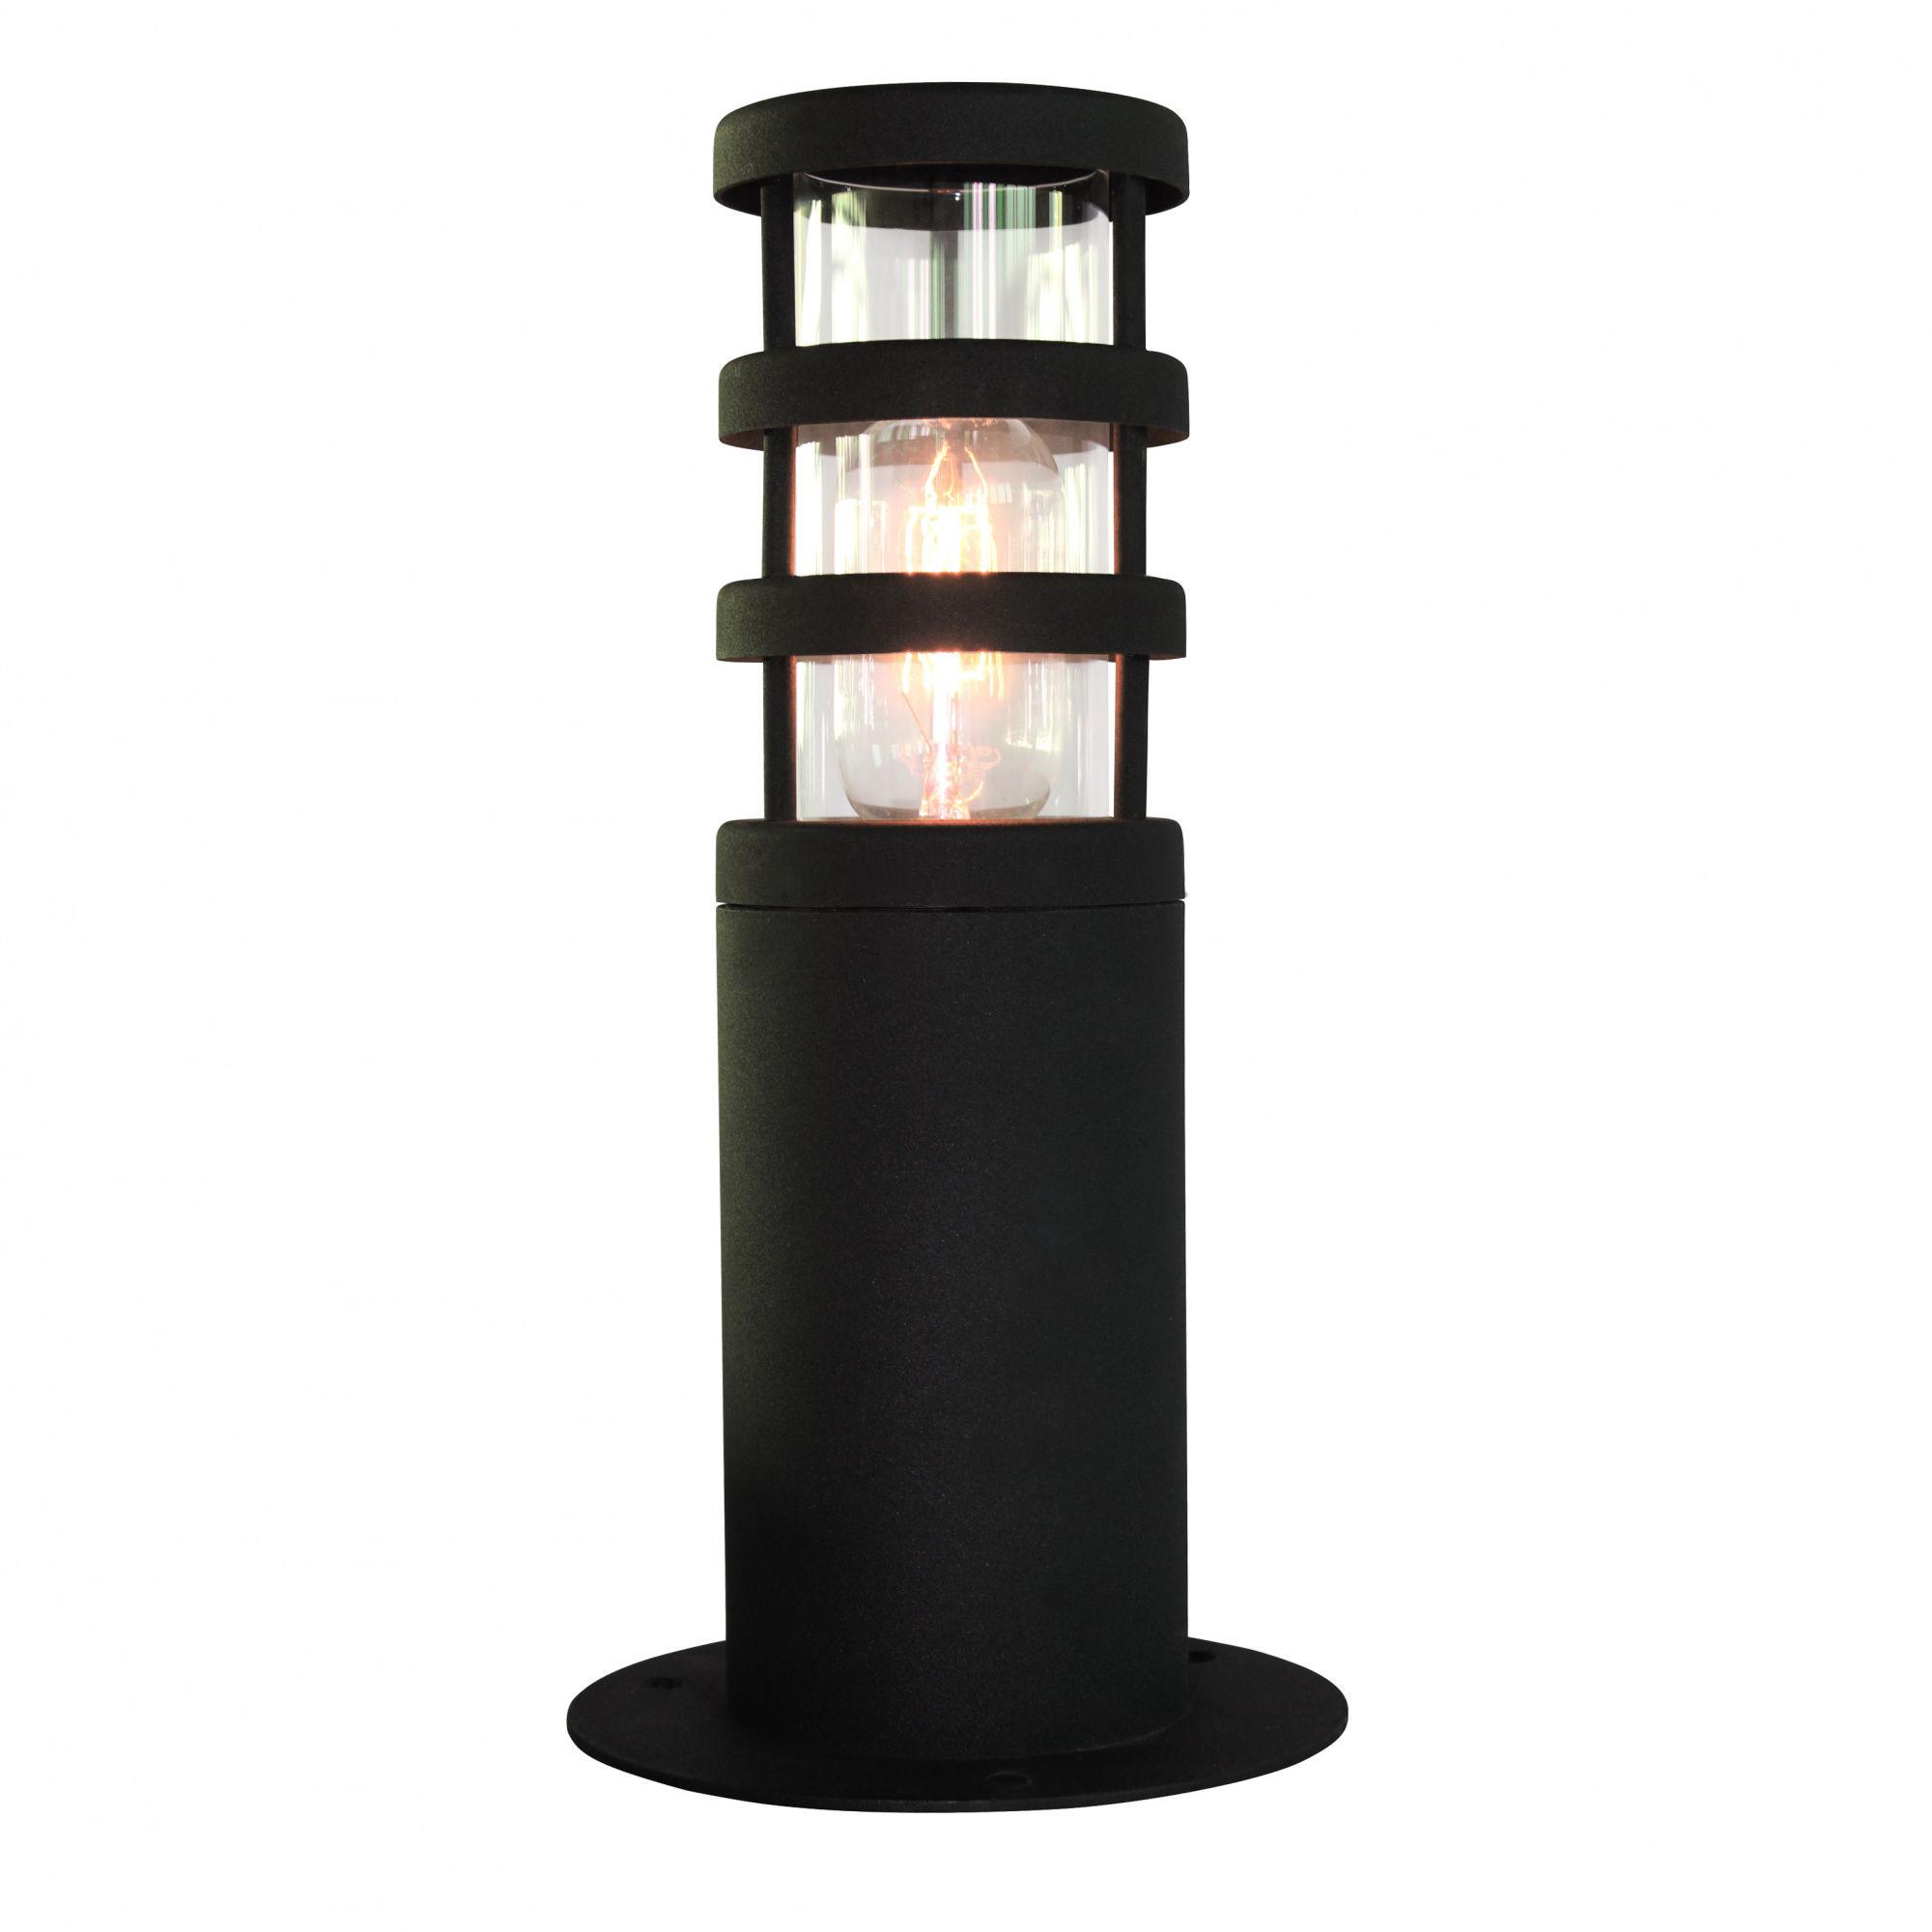 Lampa stojąca zewnętrzna Hornbaek PED Elstead Lighting czarna oprawa w nowoczesnym stylu